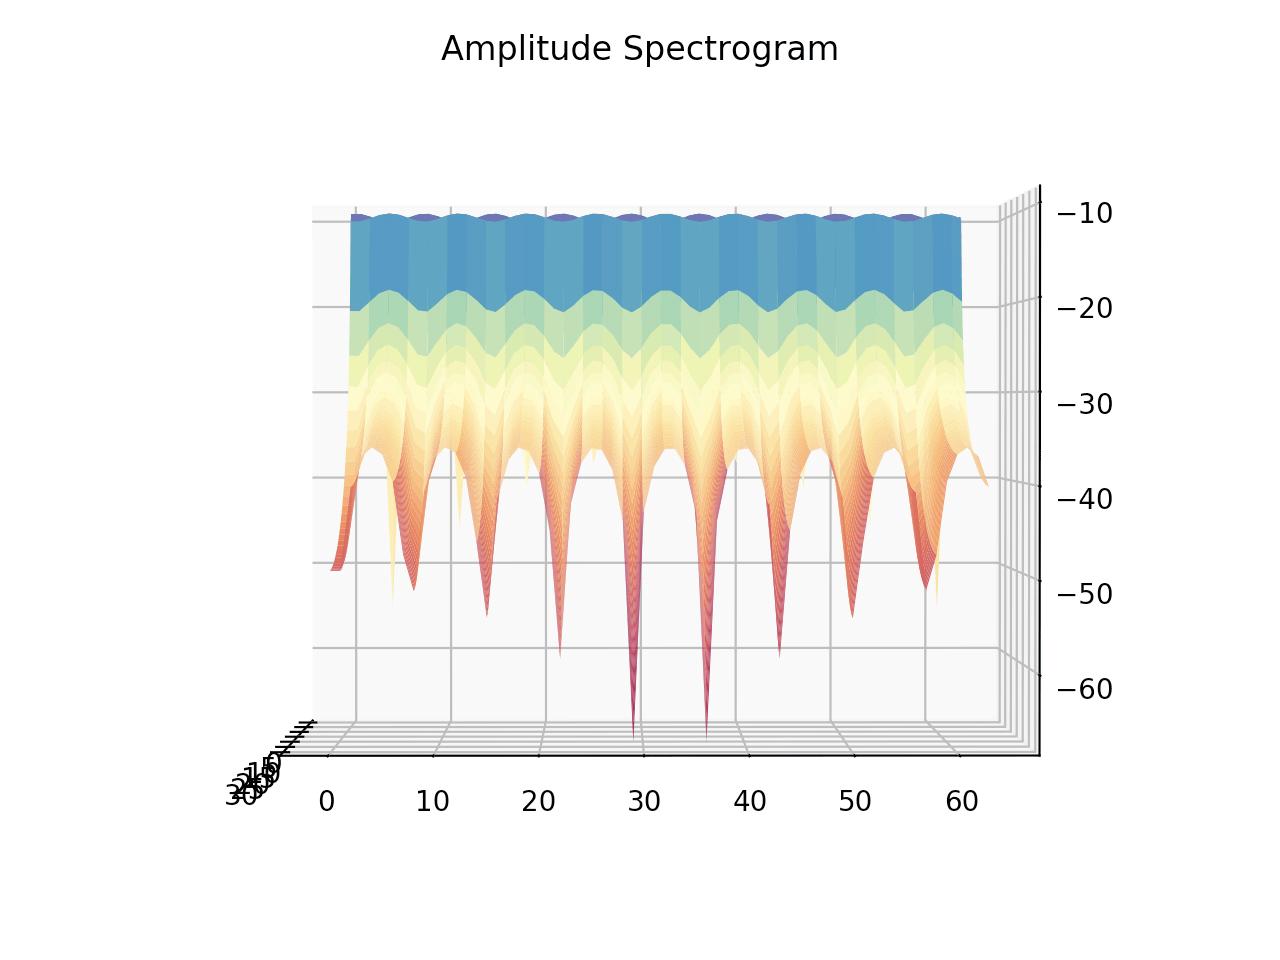 回転表示した正規化周波数4の振幅スペクトログラム